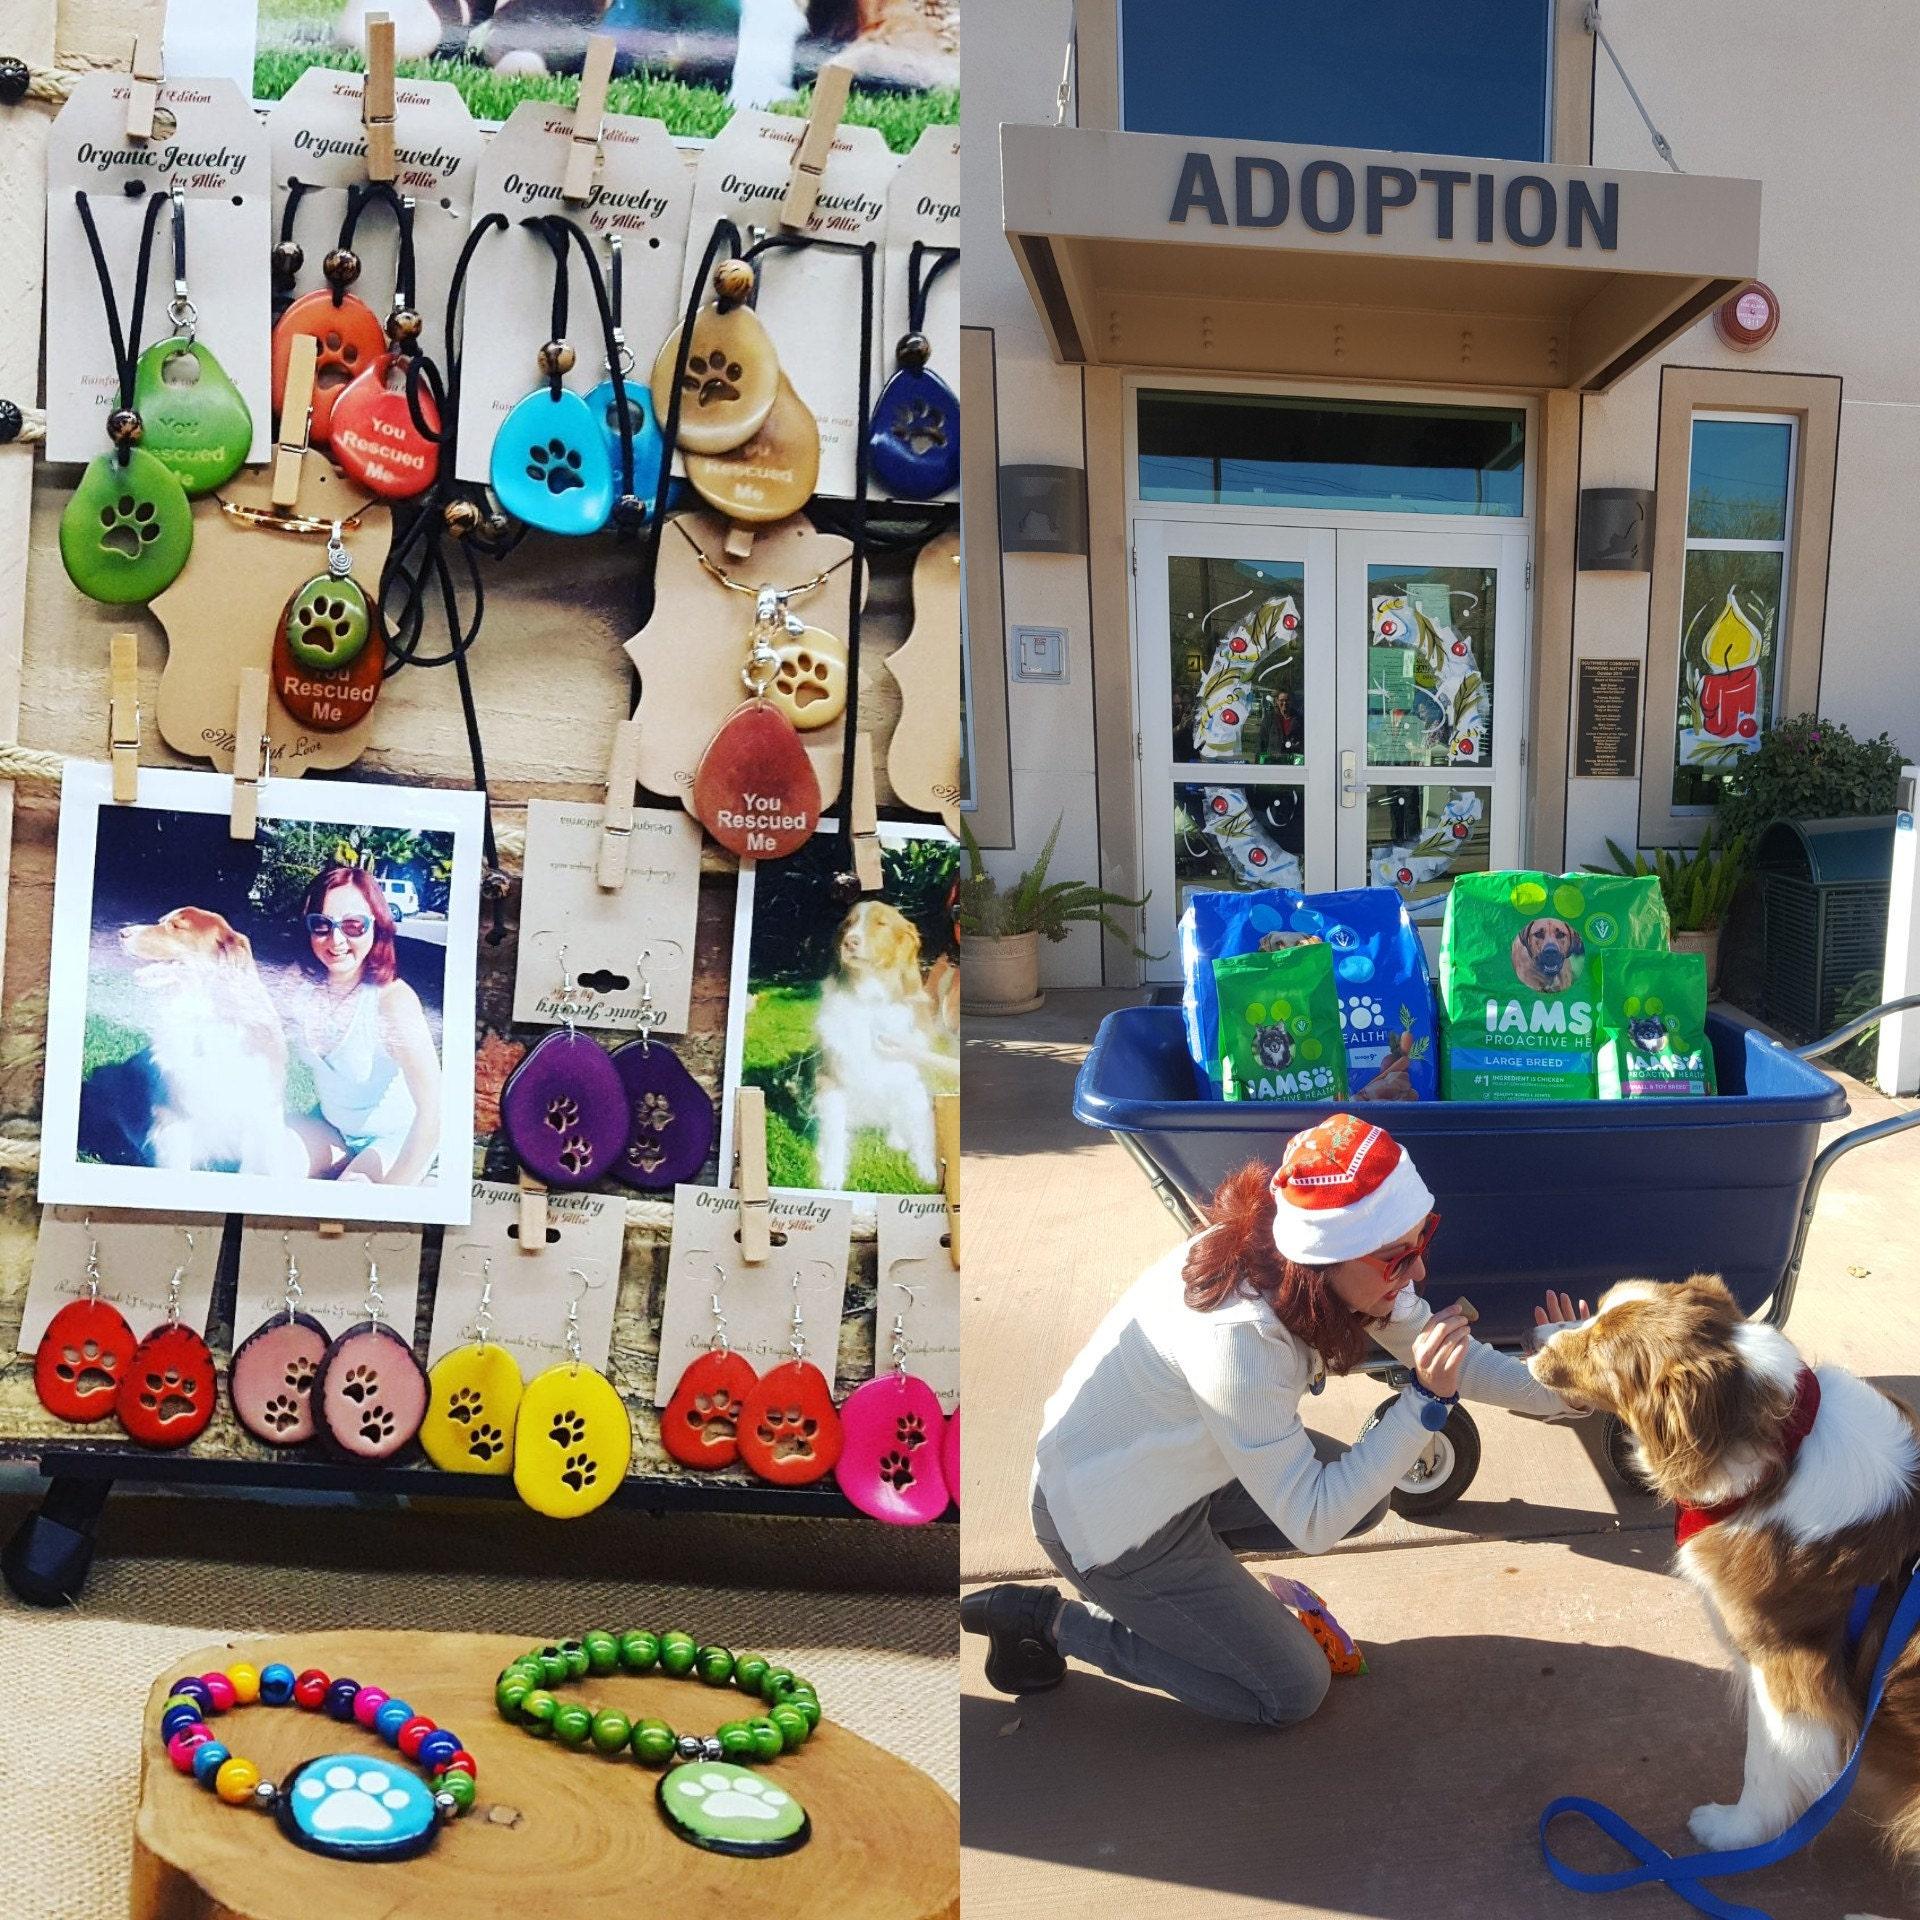 Actualizaciones De Organicjewelrybyalli En Etsy # Muebles Jade Cali